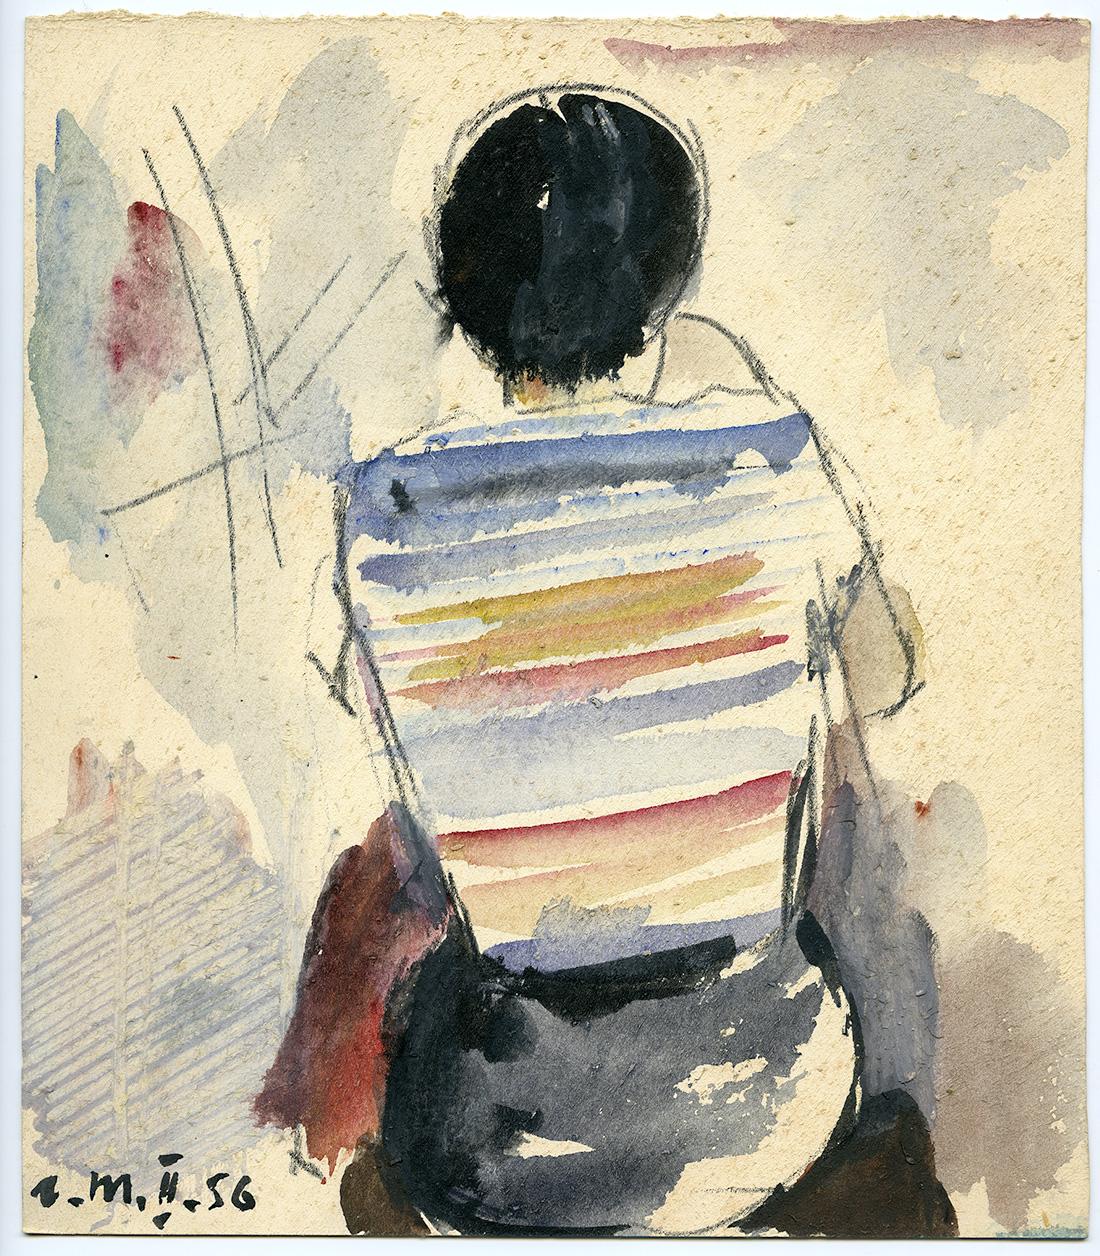 1956-rysunek-zb-makowski-007-1100pxl